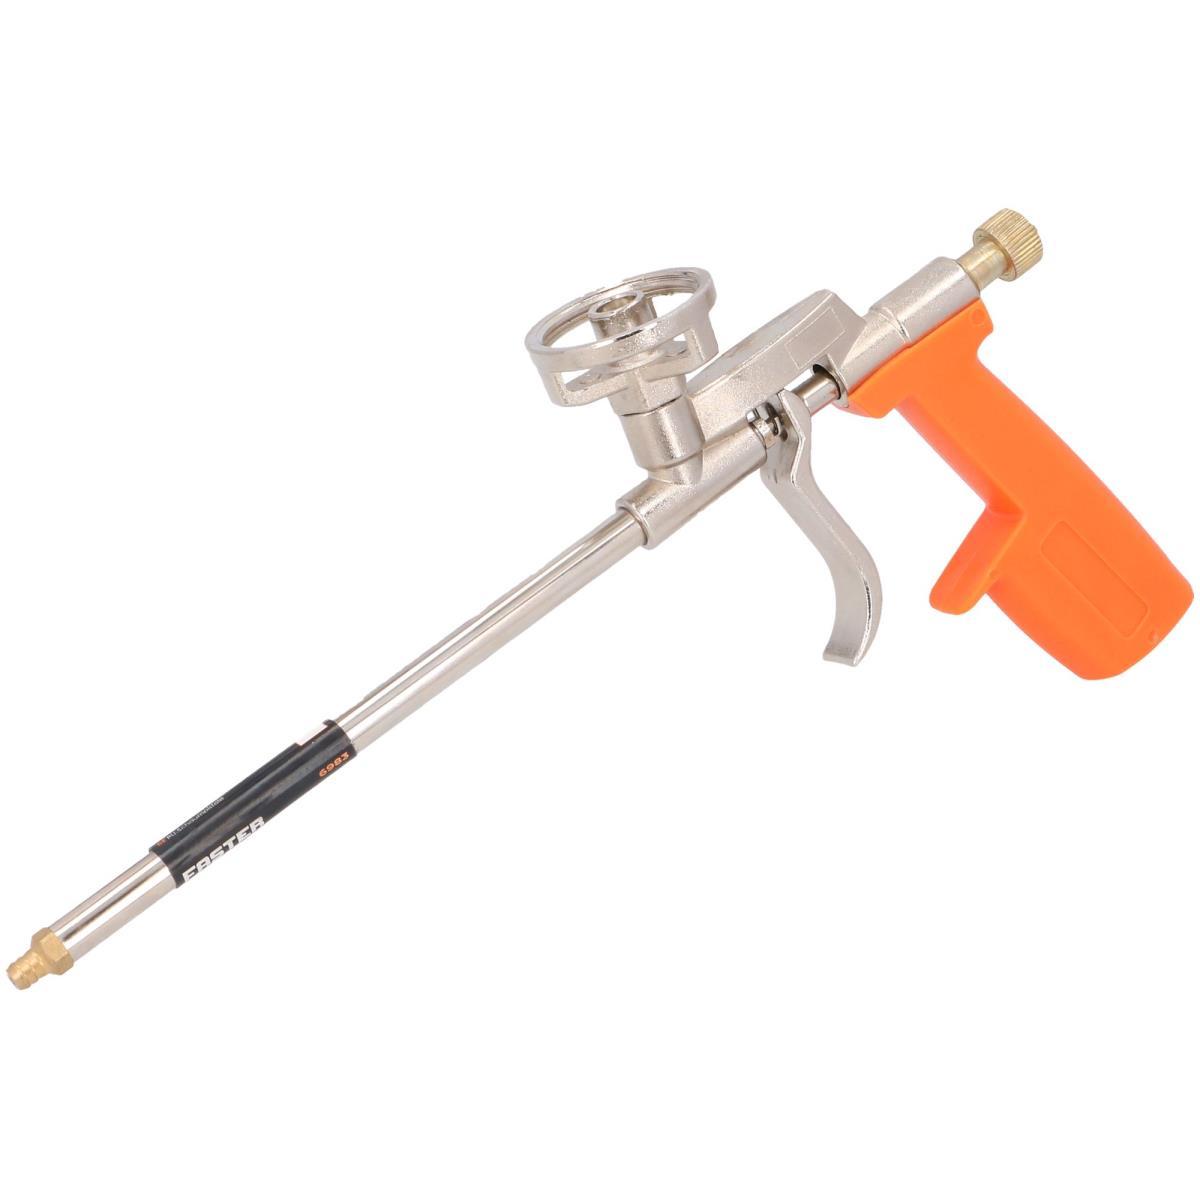 Schaumpistole Dosierpistole Metall PU Bauschaumpistole Pistole,fast,6983, 5907078969831